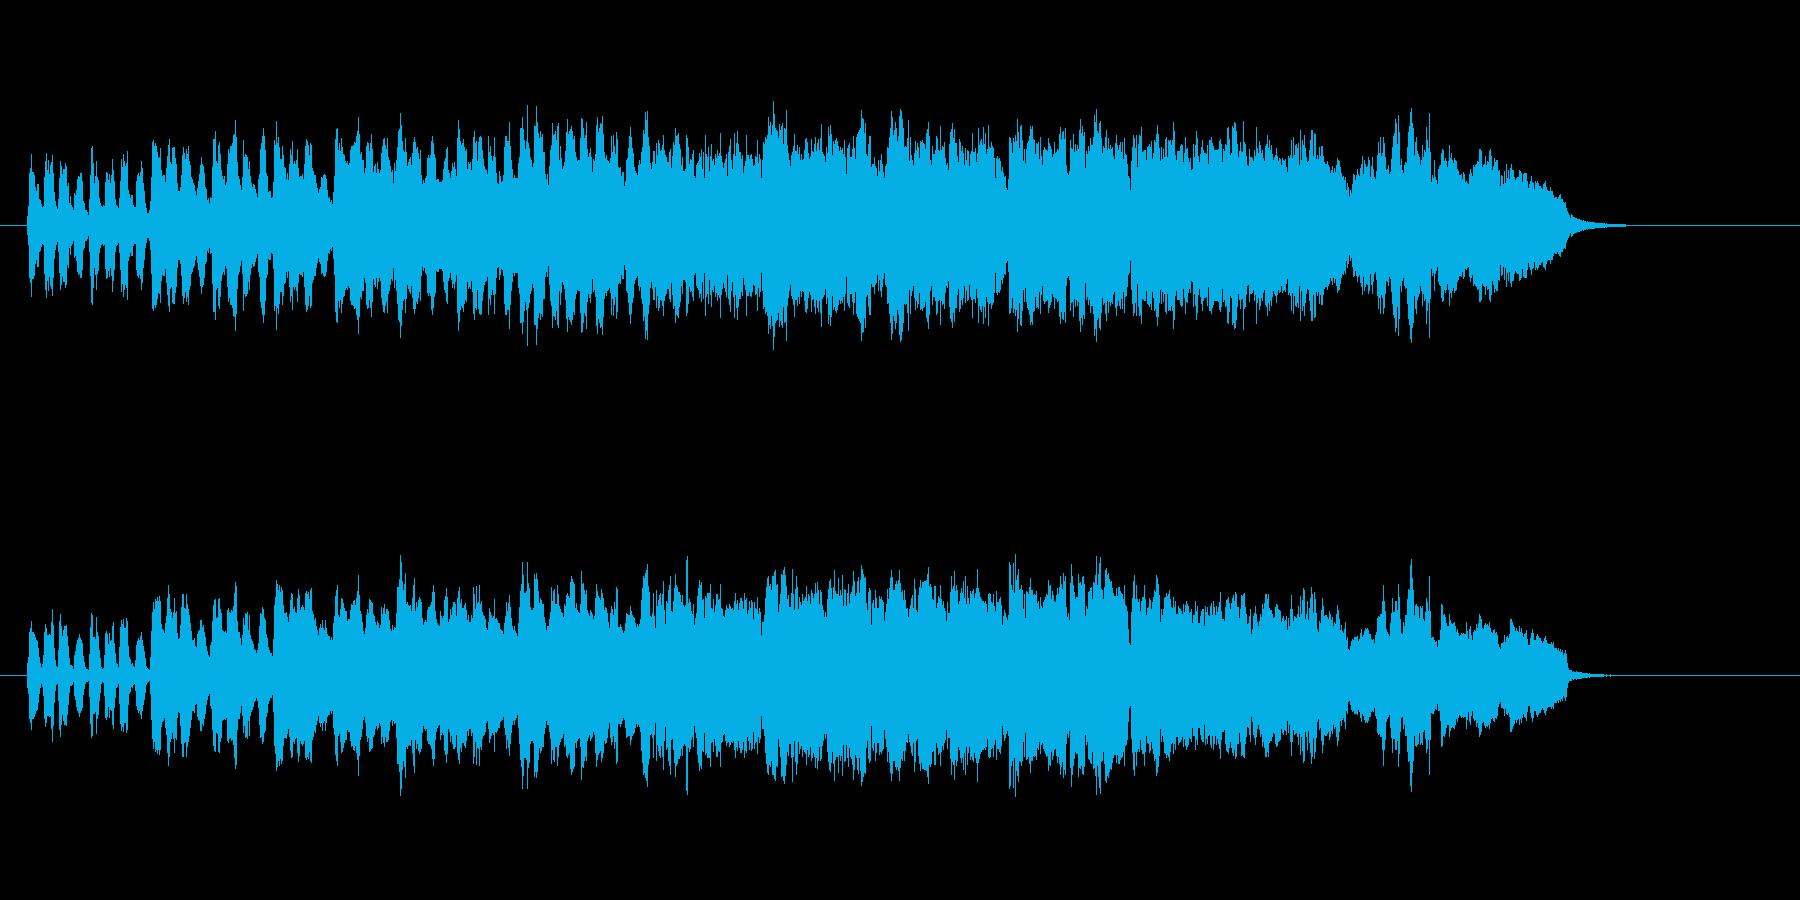 しなやかなセミクラ風の曲の再生済みの波形